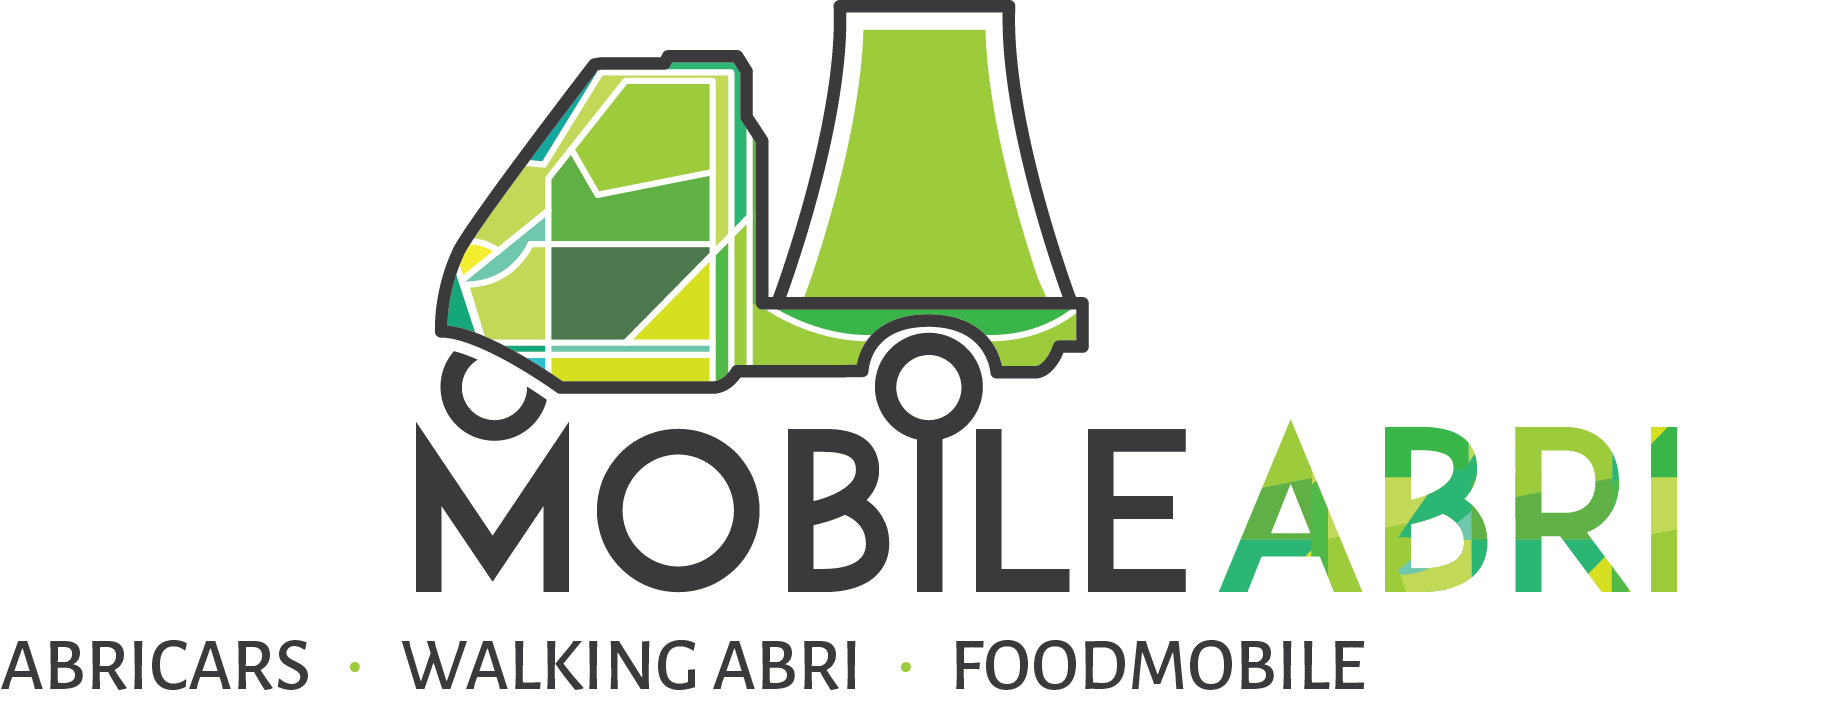 Mobile Abri | Mobiele Billboards | Unieke Buitenreclame